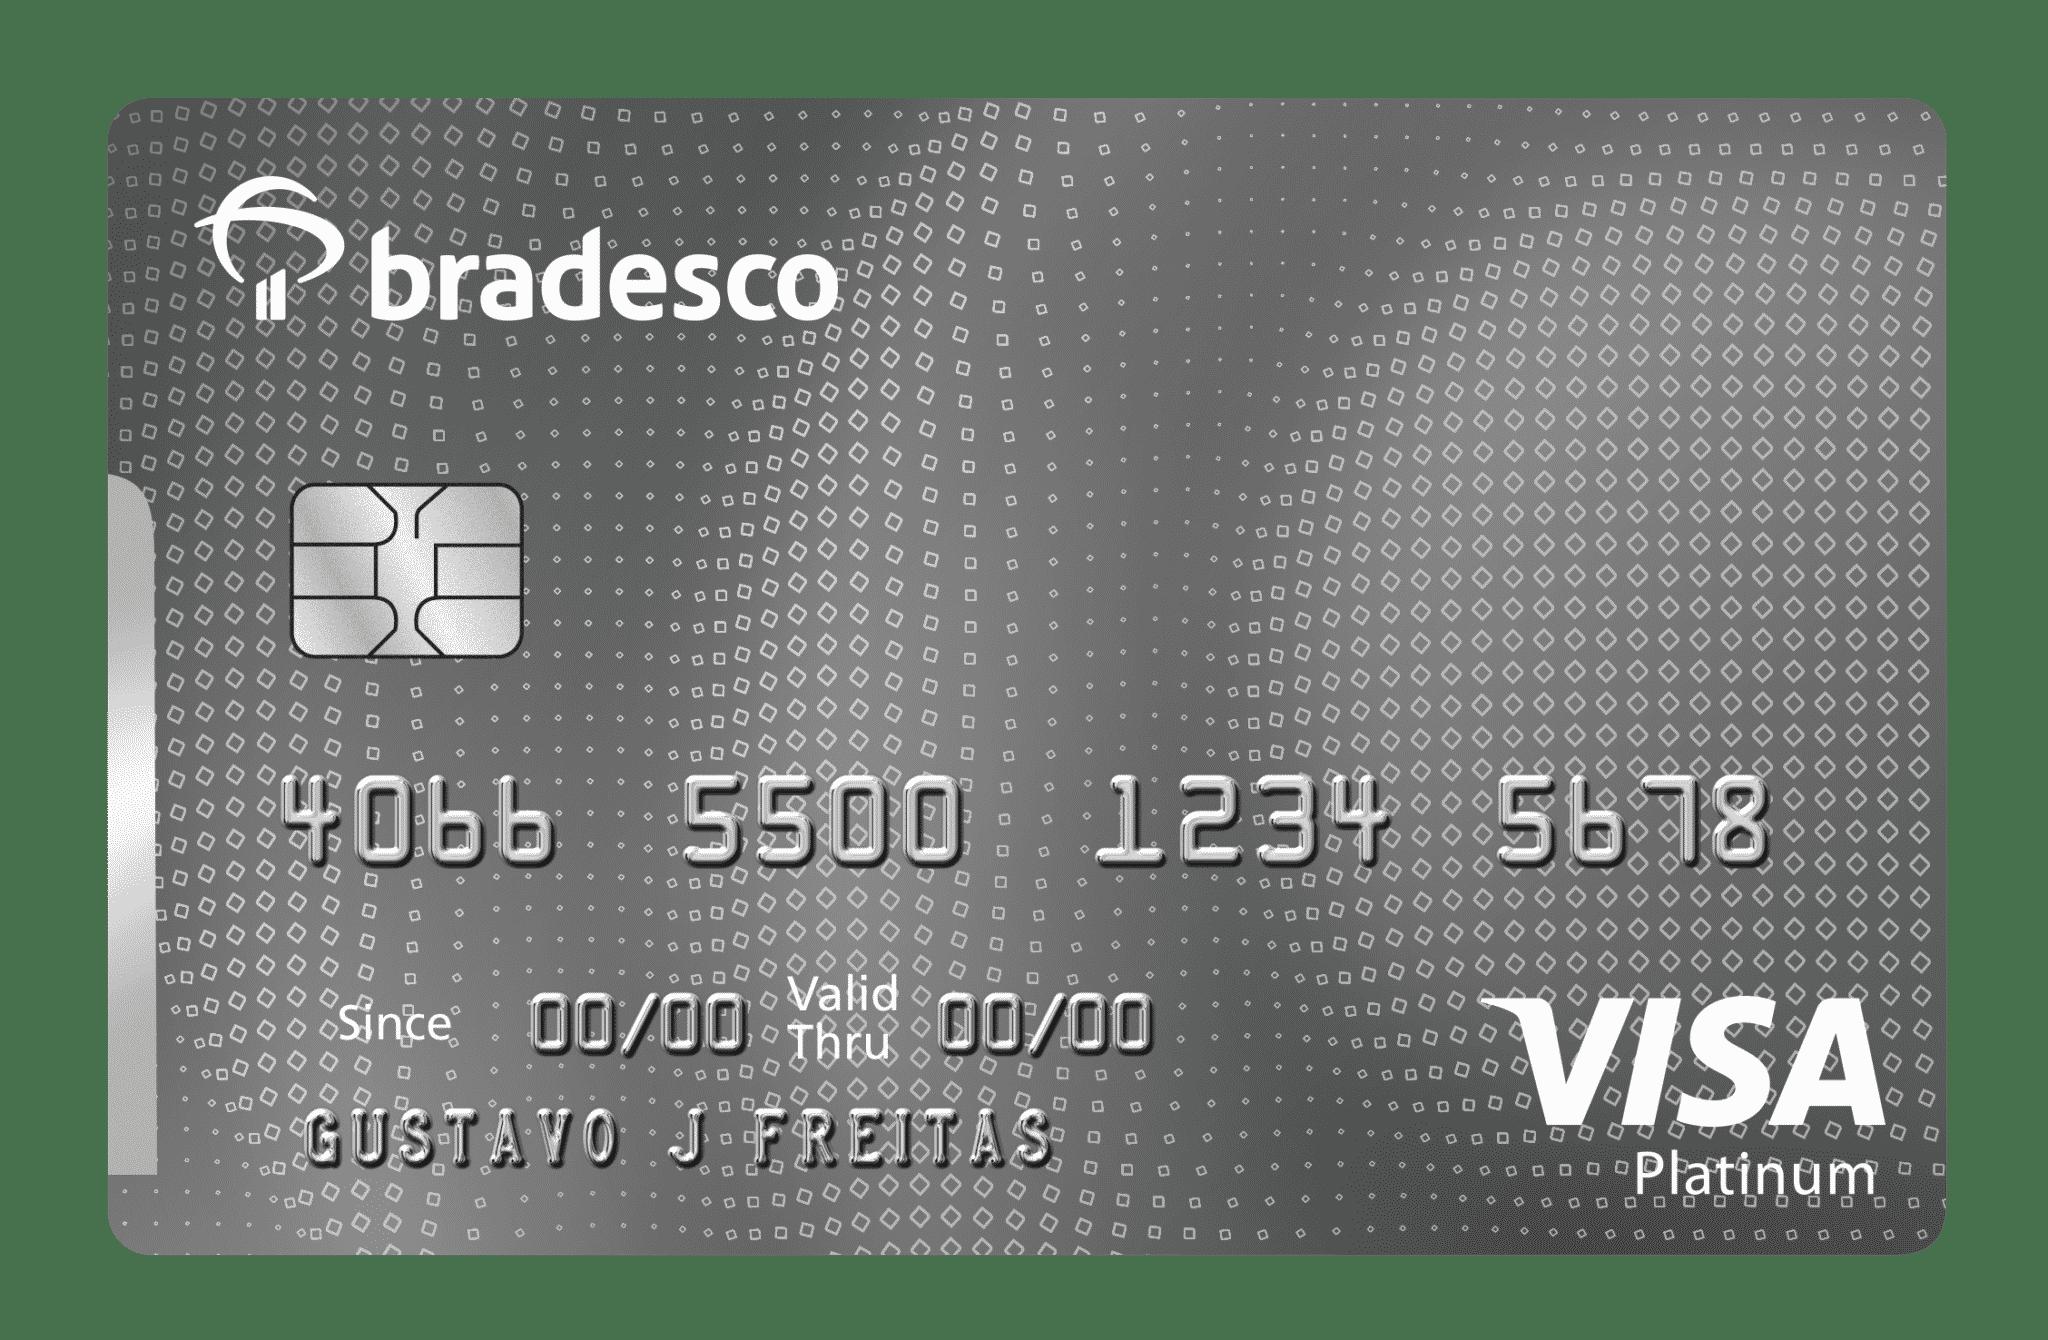 Cartão bradesco clássico platinum visa:  programa de descontos, cartões adicionais e assistência em viagens